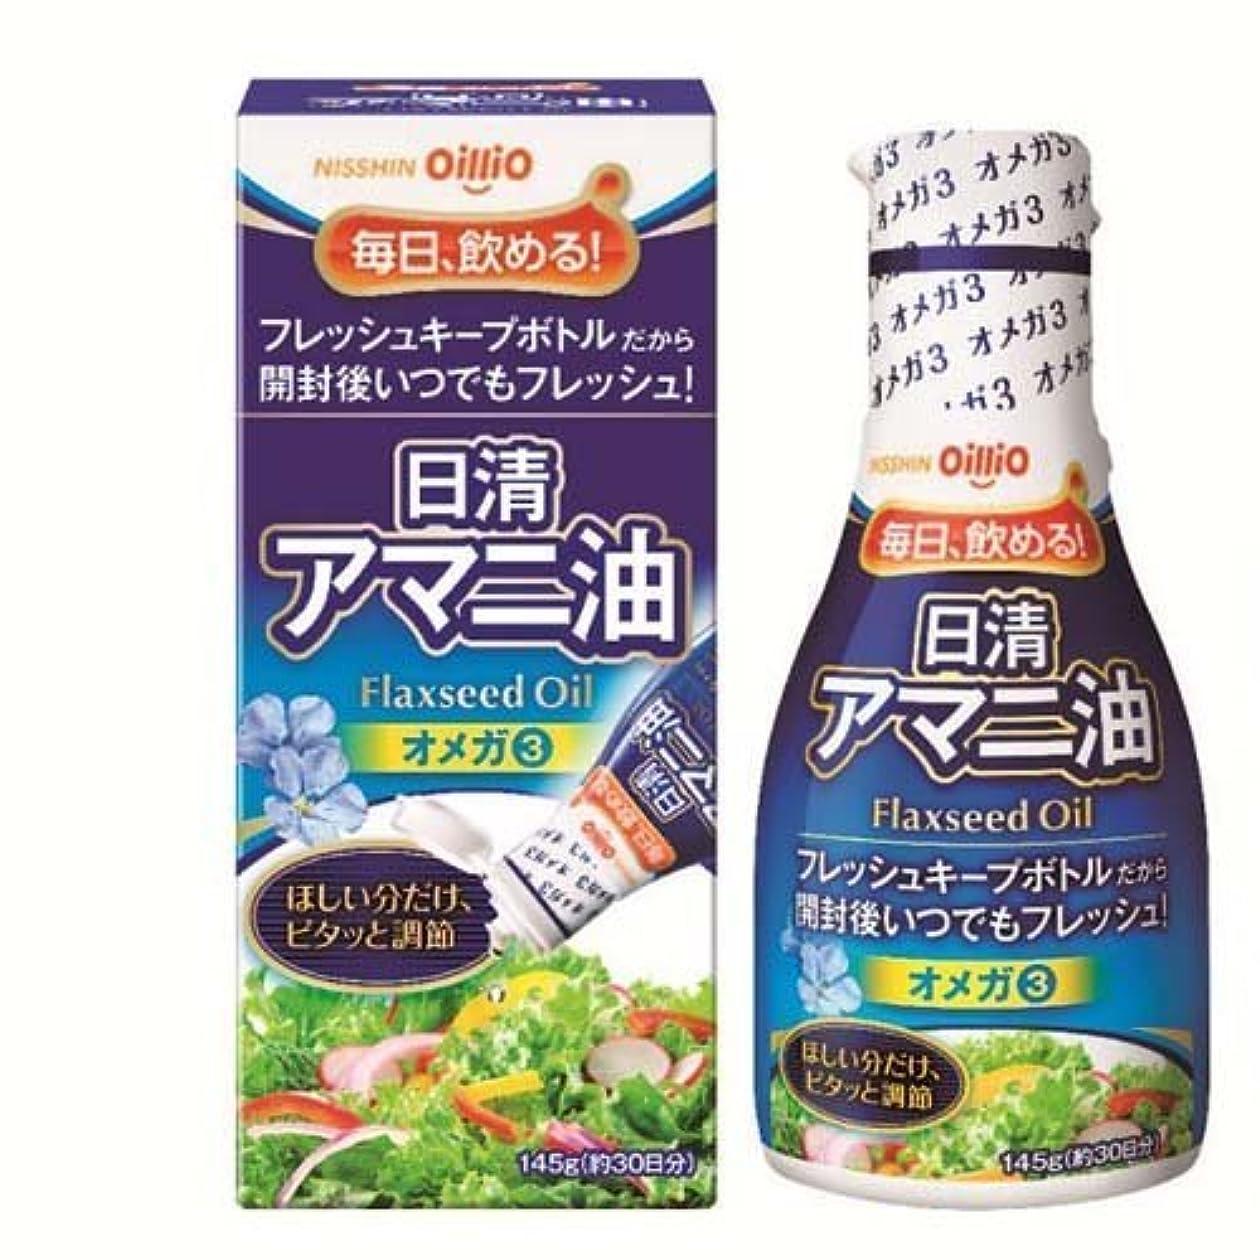 必要ない泣き叫ぶメロディアス日清 アマニ油 (亜麻仁油) 脂肪酸 α-リノレン酸(オメガ3) 145gx6本 (1ケース)